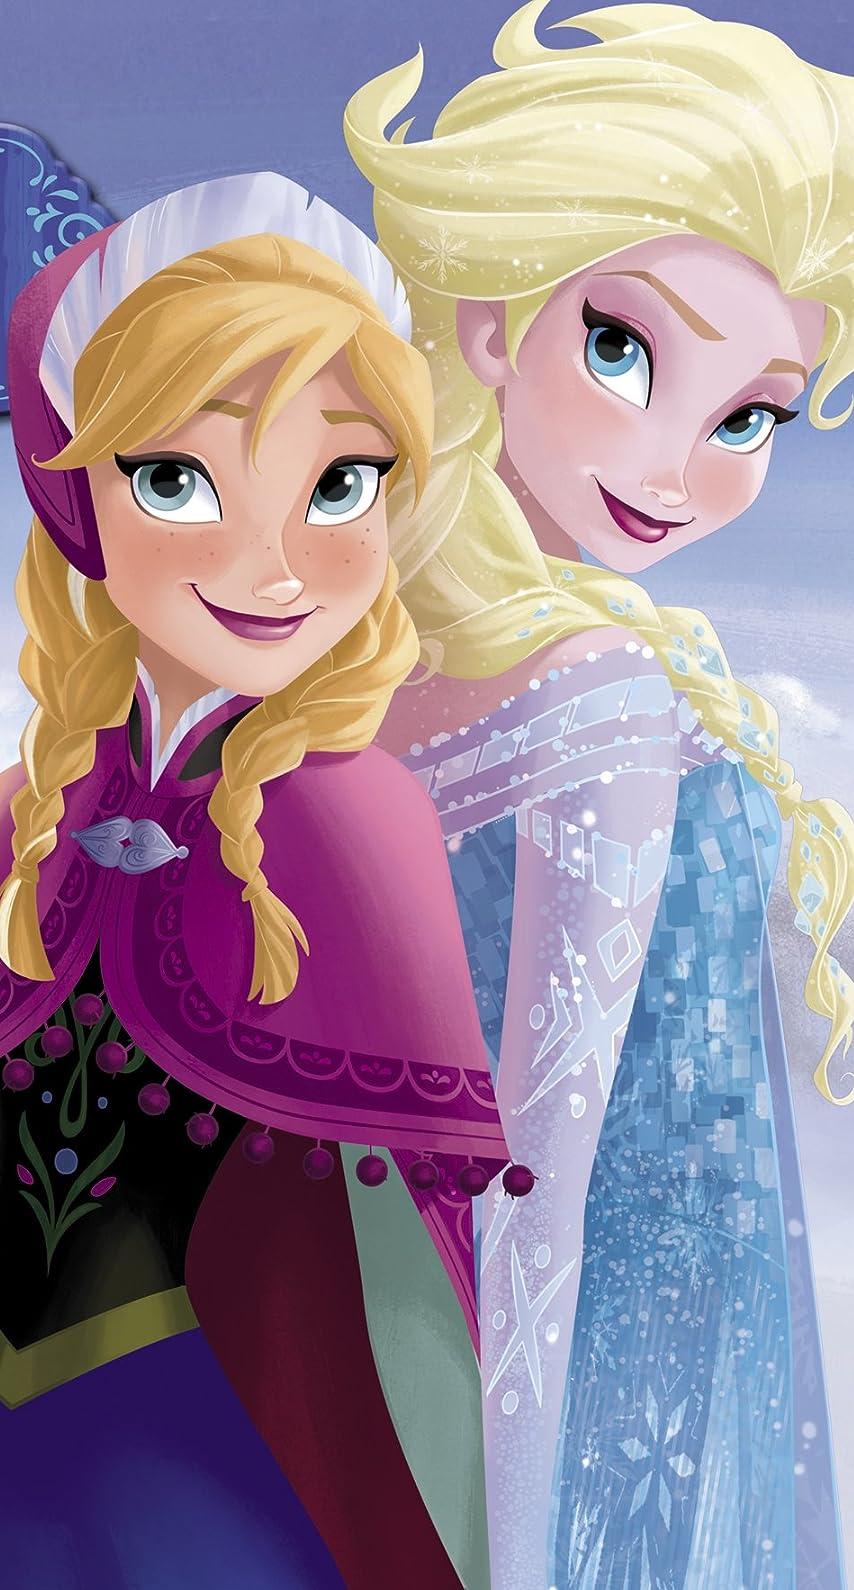 ディズニー 『アナと雪の女王』アナ,エルサ iPhone8/7/6s/6 壁紙 視差効果 画像39942 スマポ